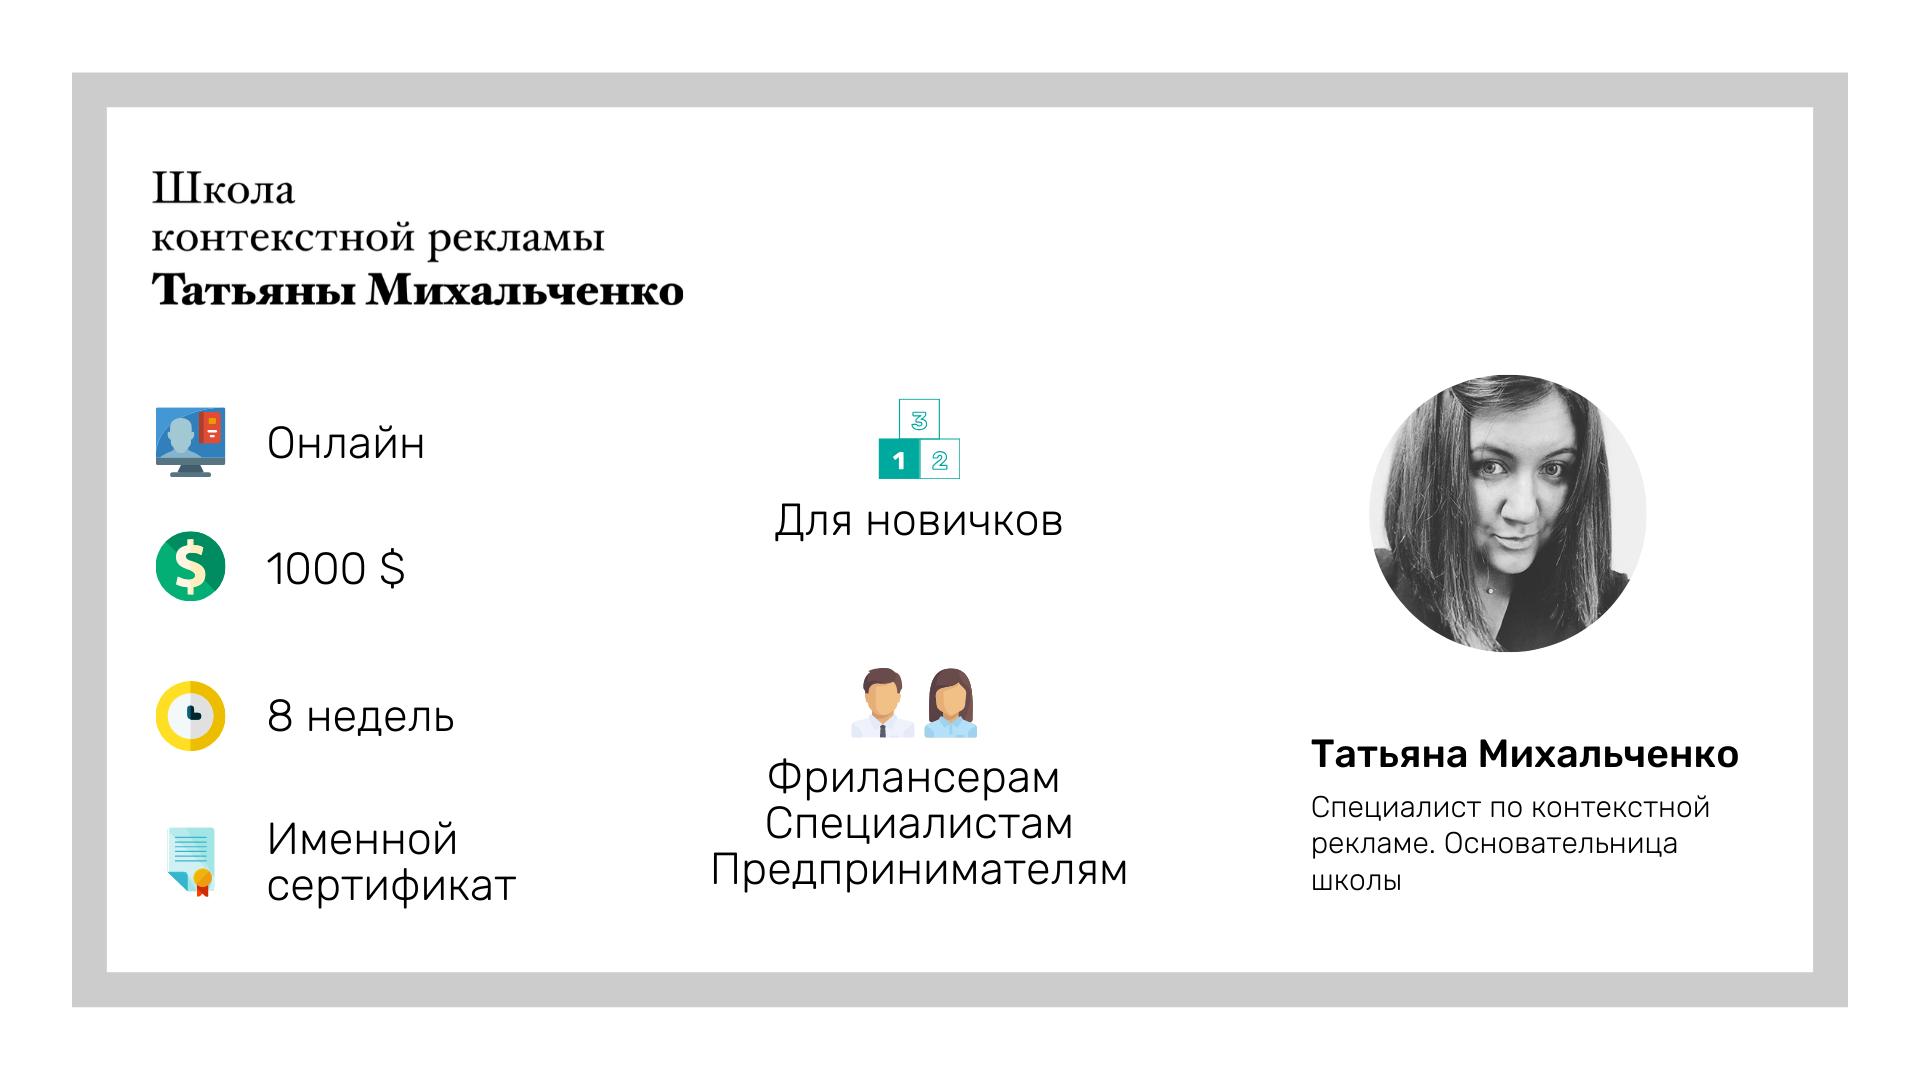 Школа Татьяны Михальченко